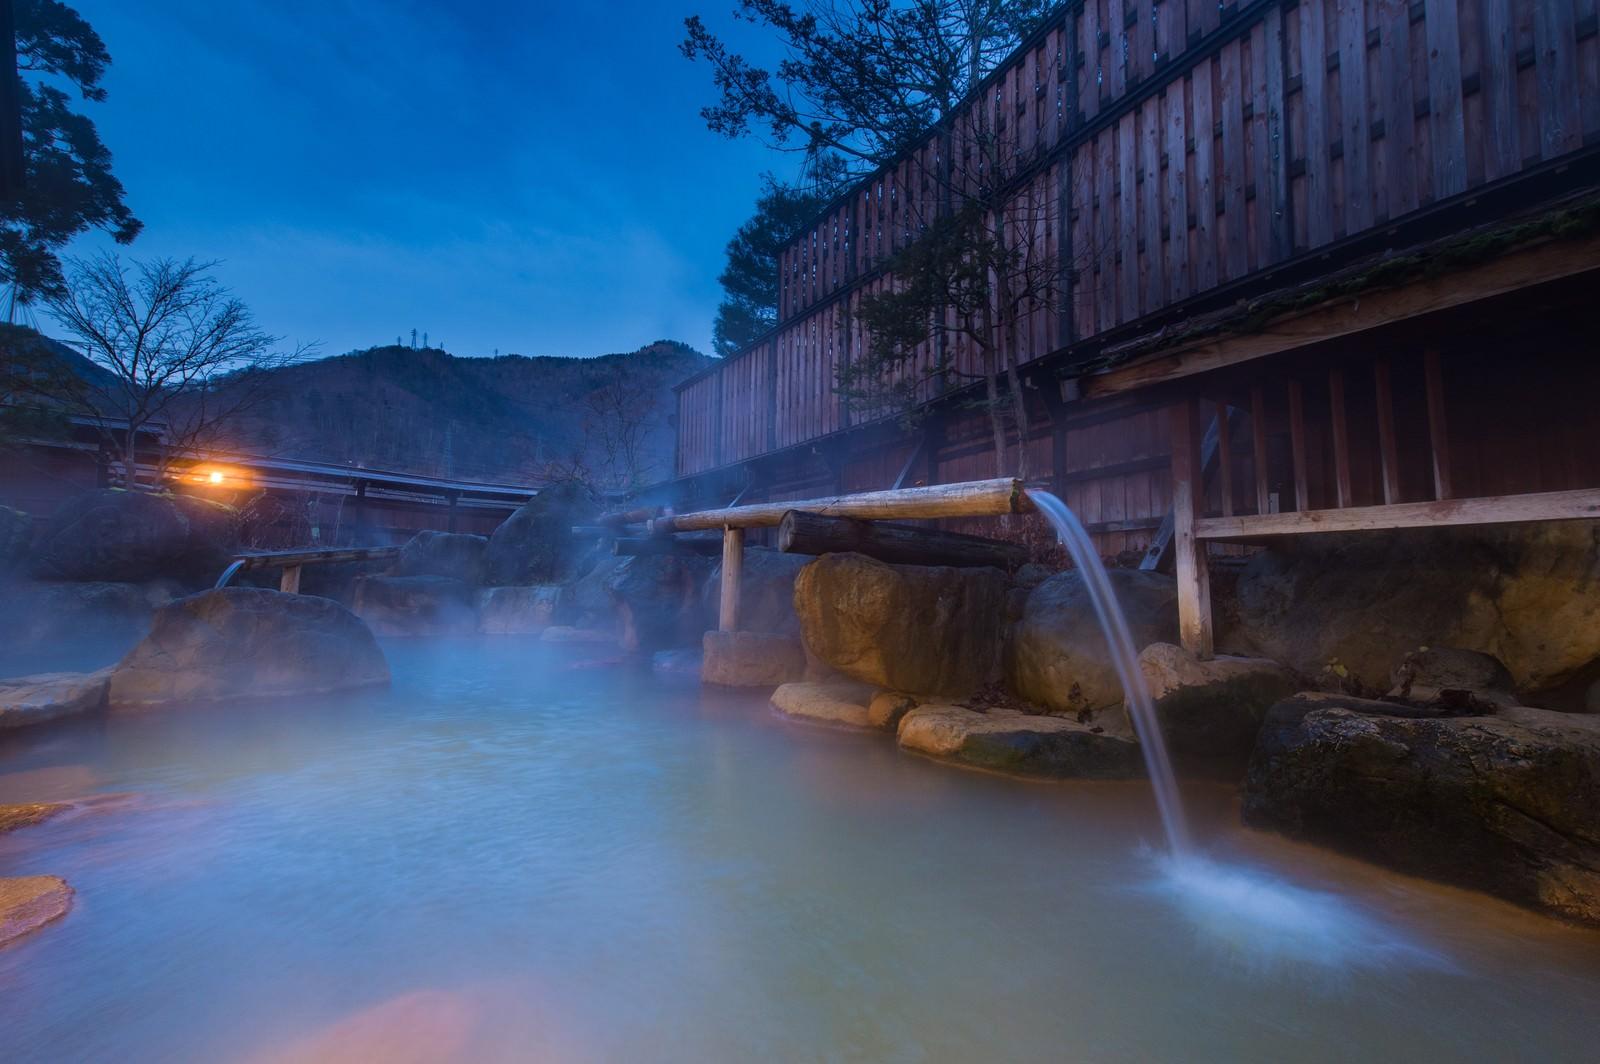 「北アルプスの山々に囲まれた秘境に佇む平湯館の極上の露天風呂」の写真